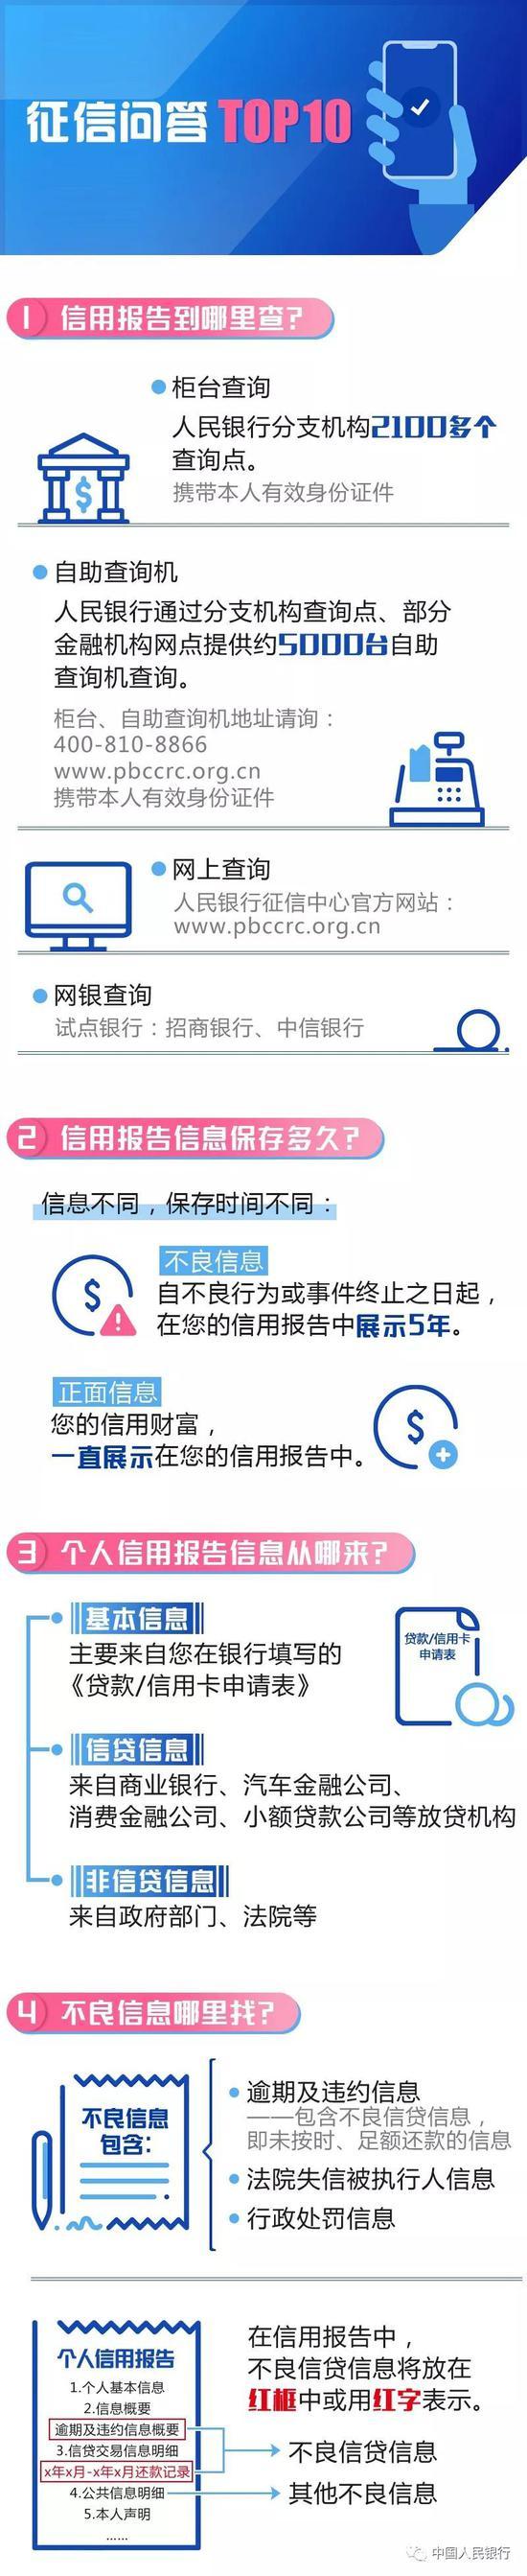 快讯:互联网金融走强东方财富、同花顺先后涨停